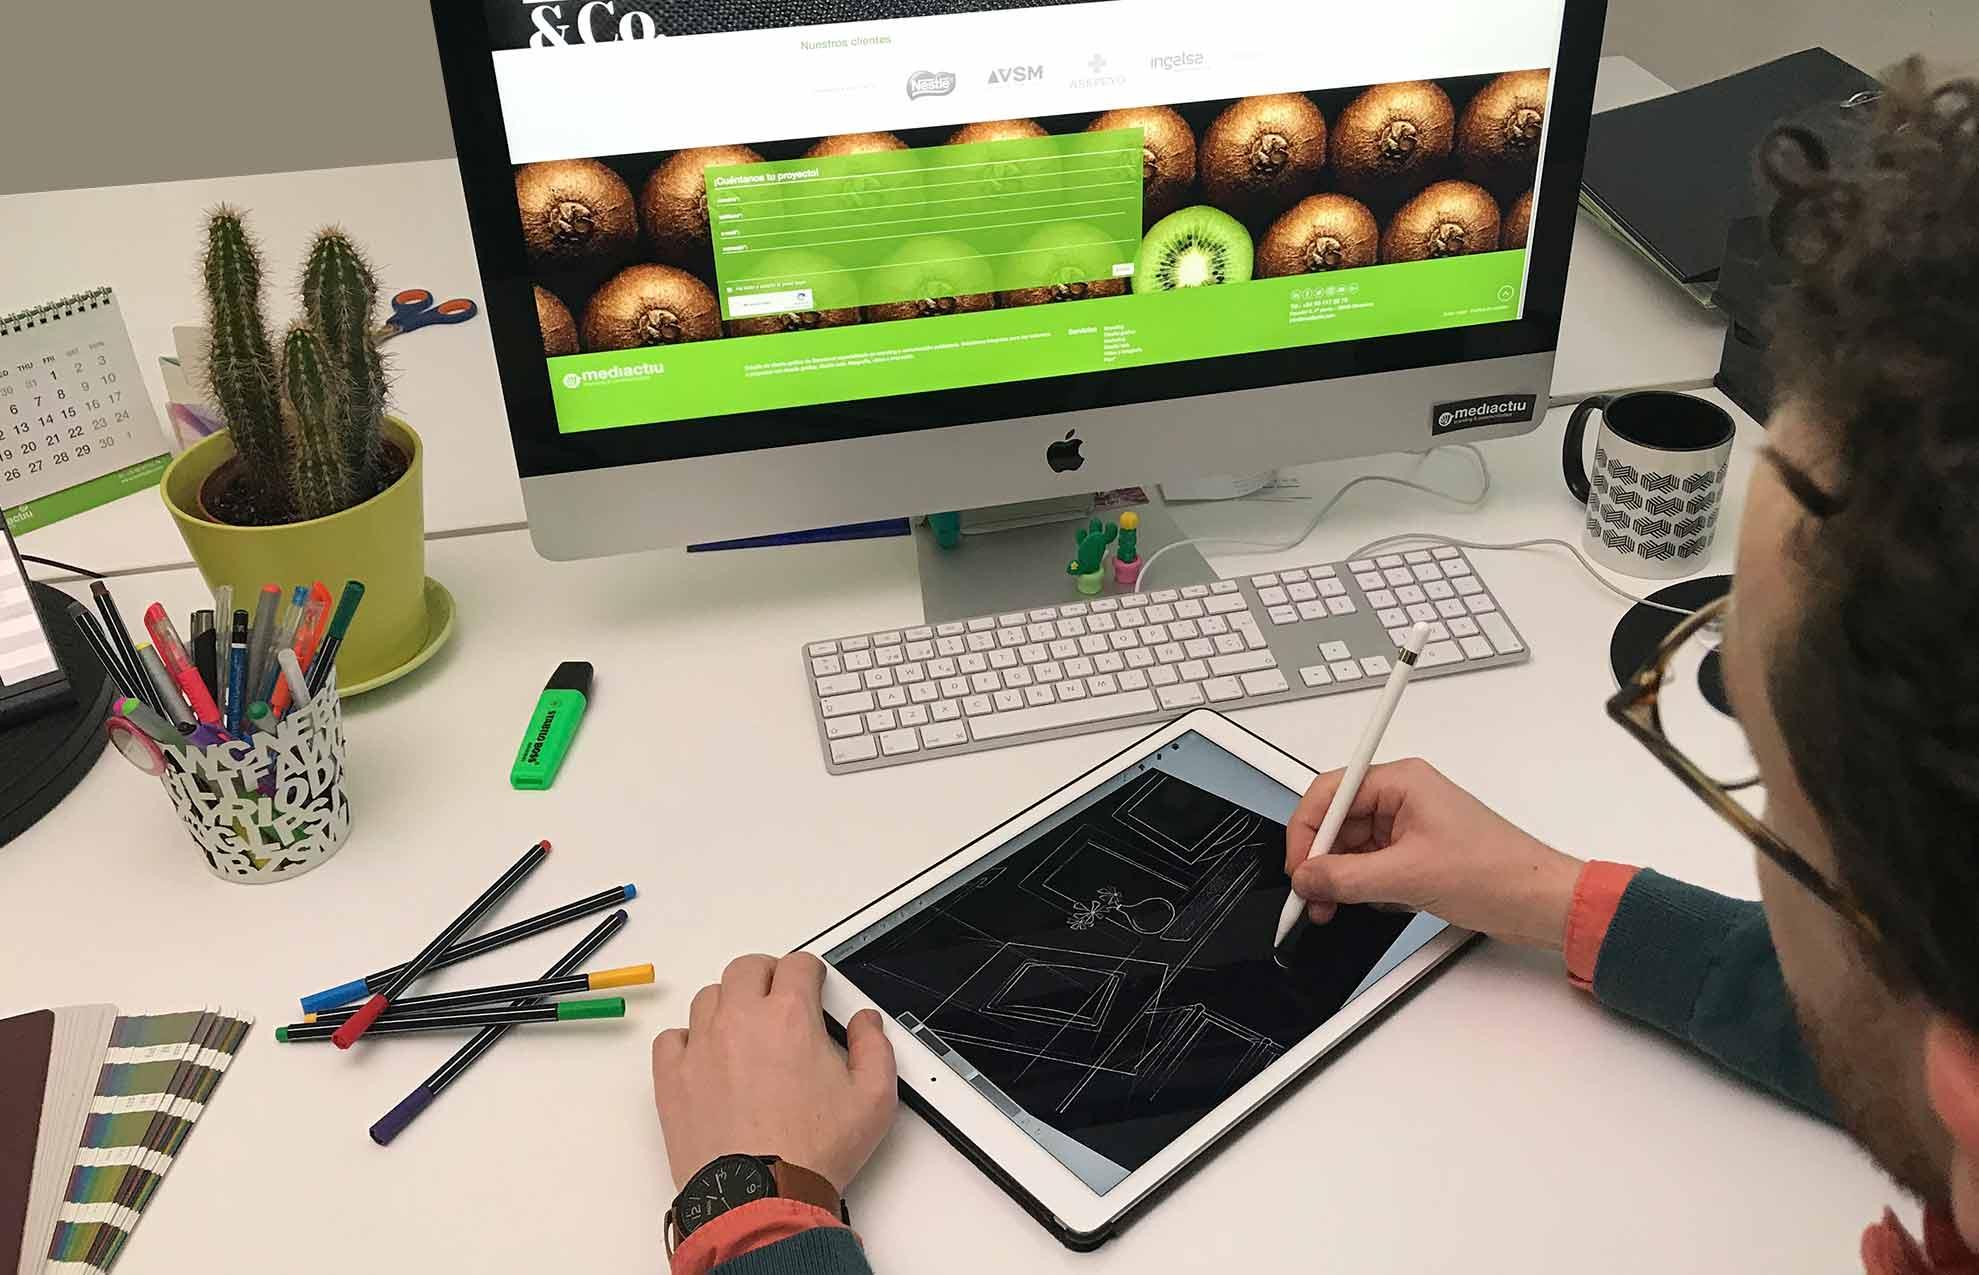 estudio de diseno grafico en barcelona - 5 tips que debes saber sobre el diseño gráfico